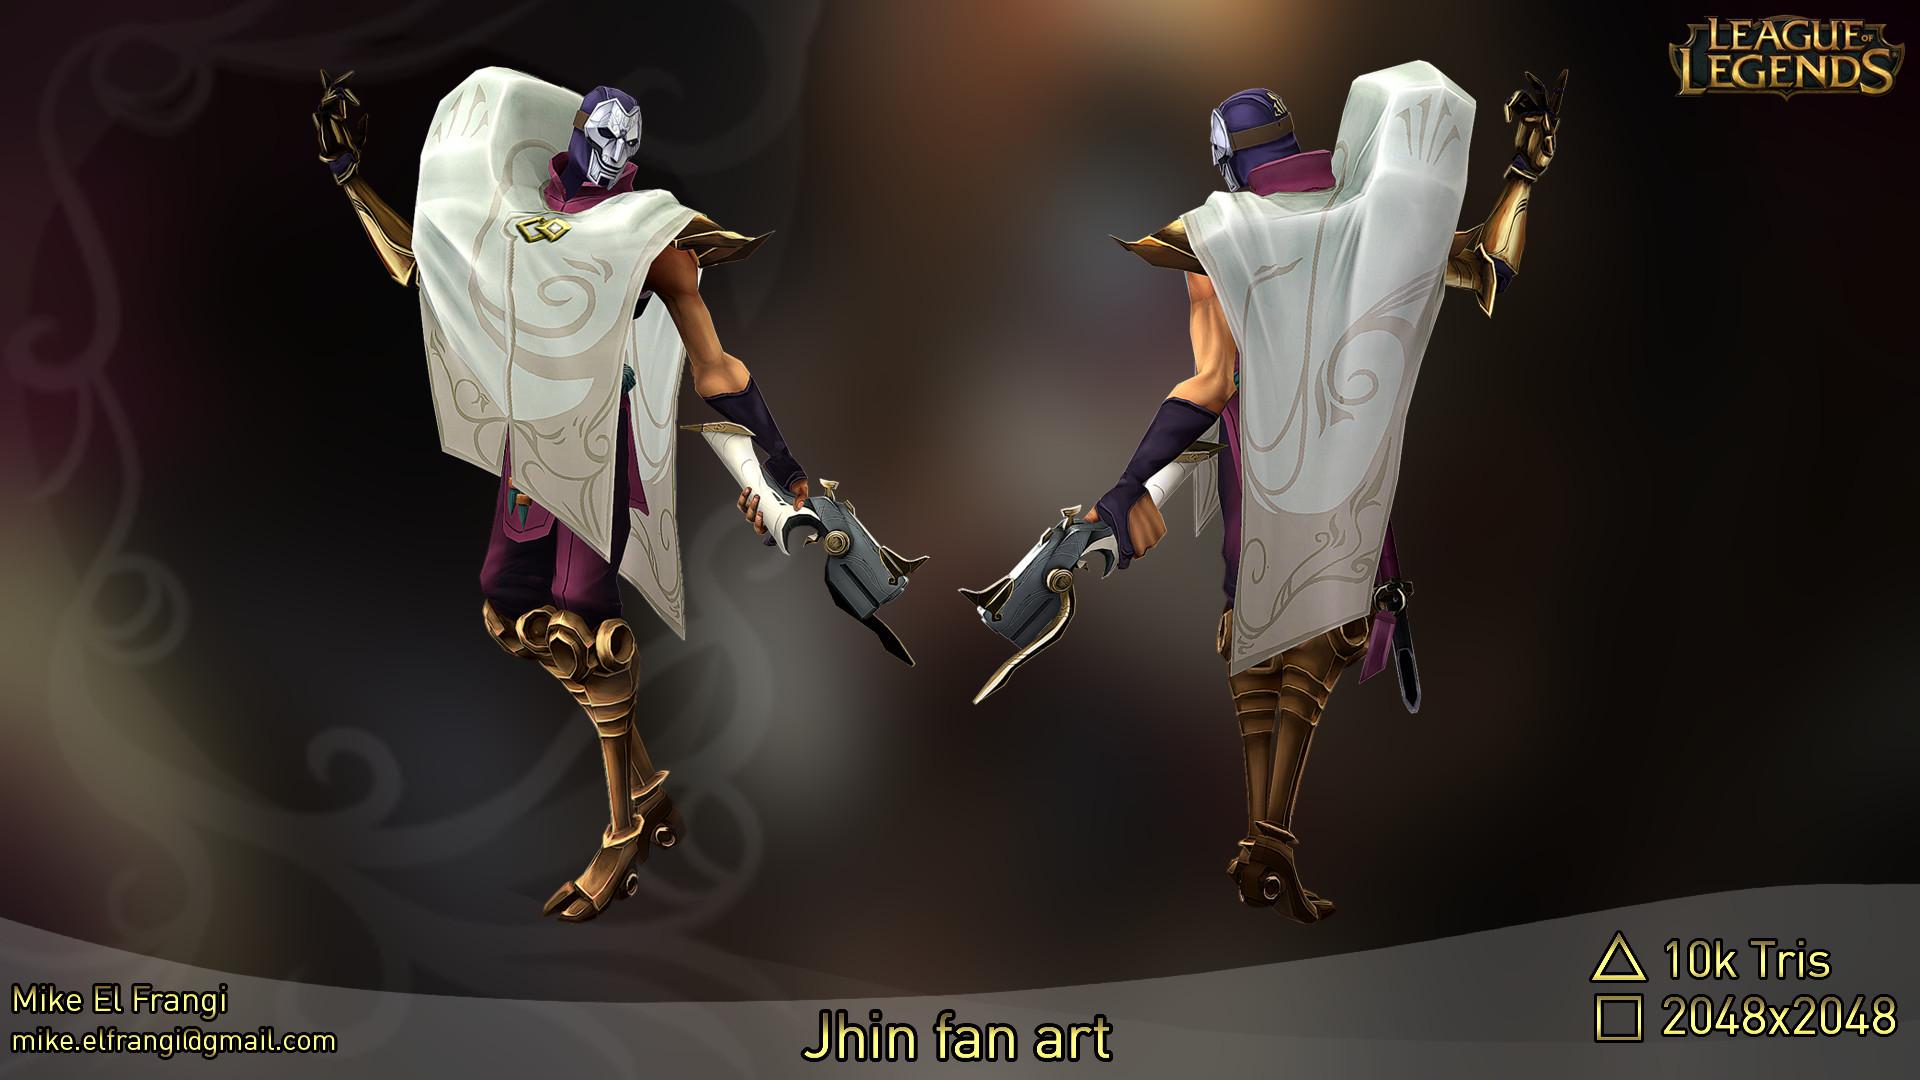 Artstation League Of Legends Jhin The Virtuoso Fan Art Mike